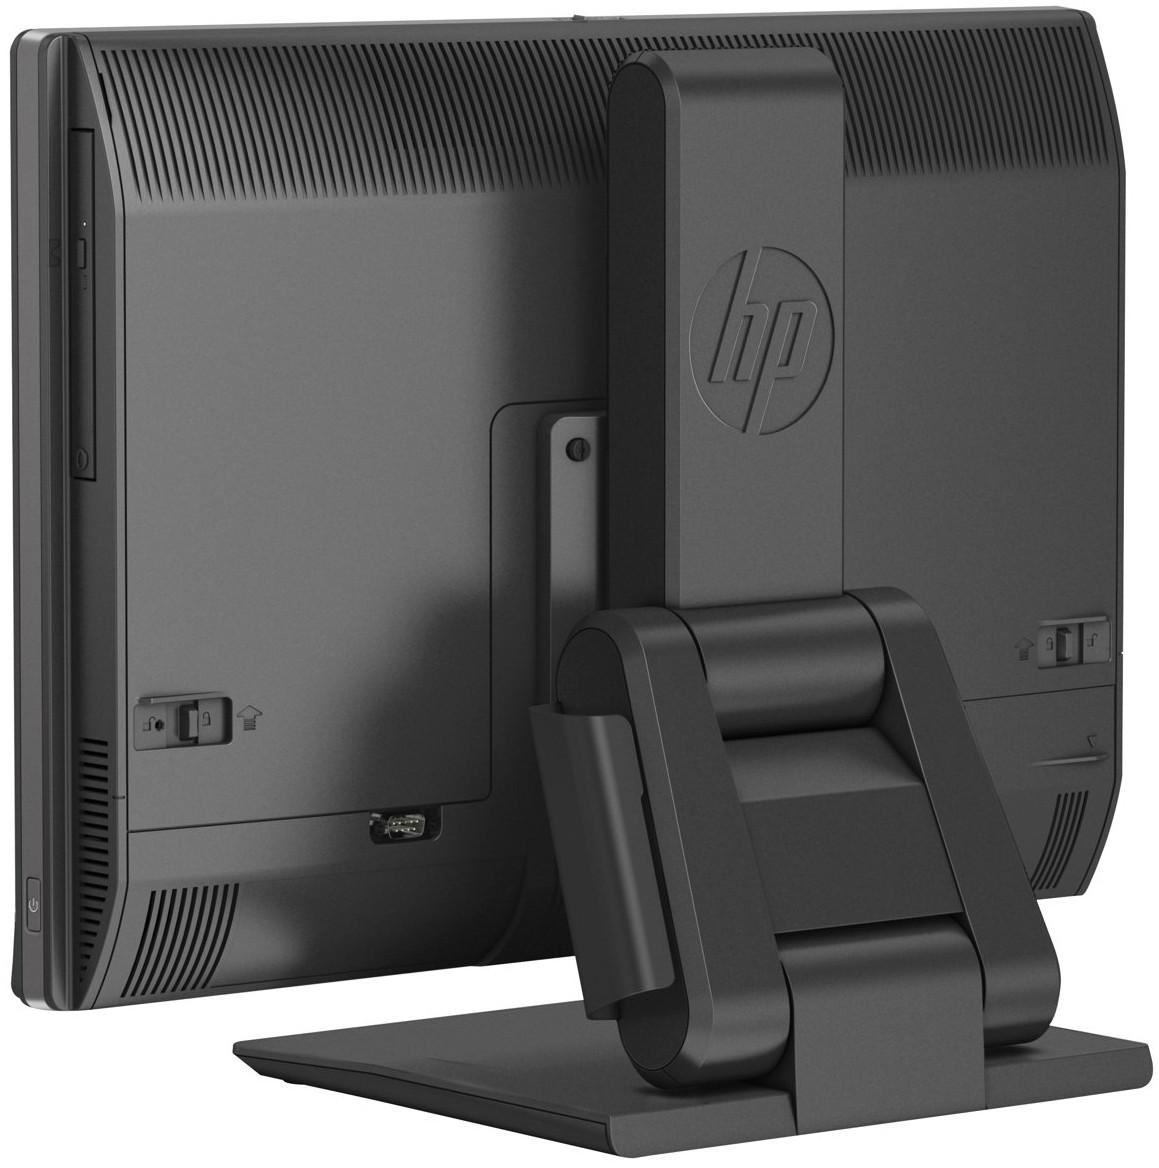 ordinateur tout en un hp proone 600 g1 j4u68ea1 - Oliver Computer Store